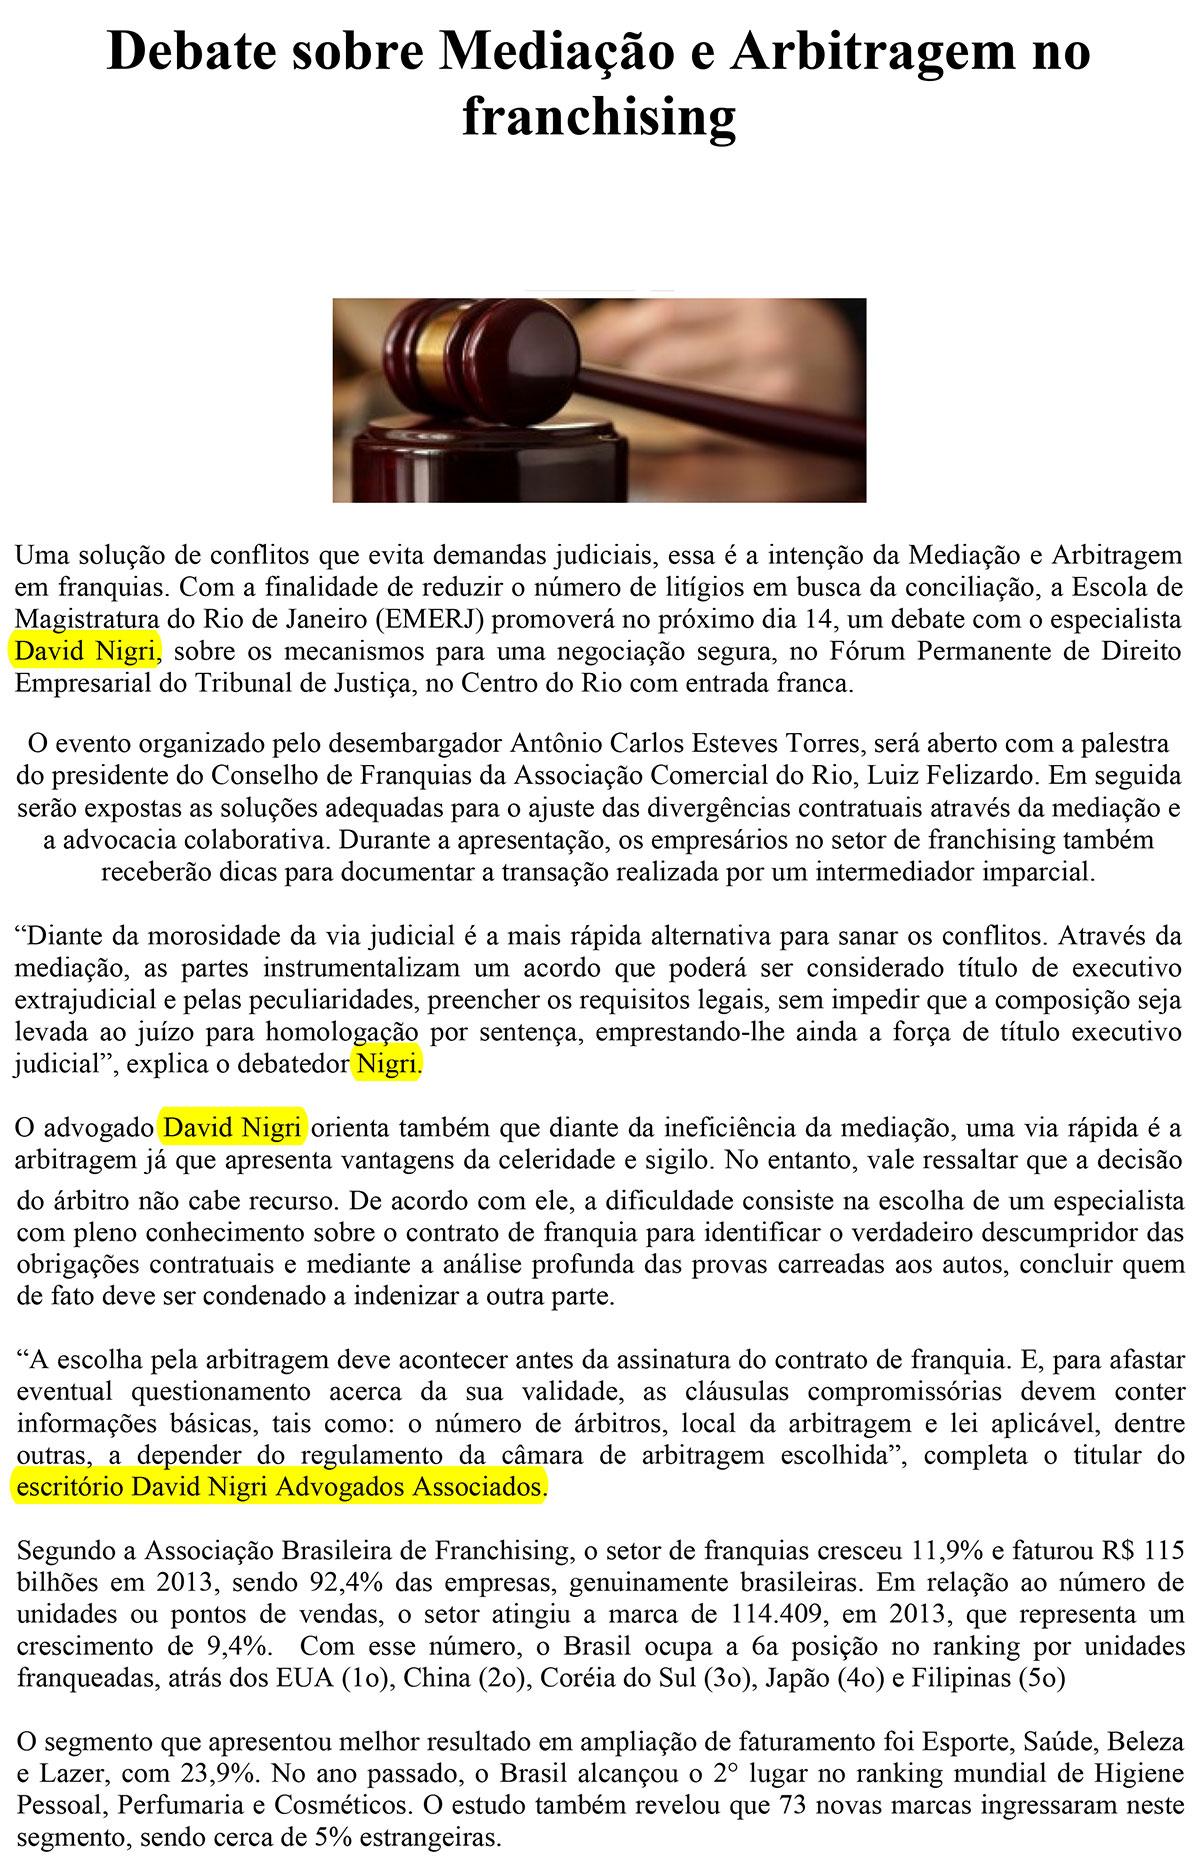 Debate-sobre-Mediacao-e-Arbitragem-no-franchising-Acontece-no-Franchising-Sua-Franquia-O-Portal-dos-Bons-Negocios